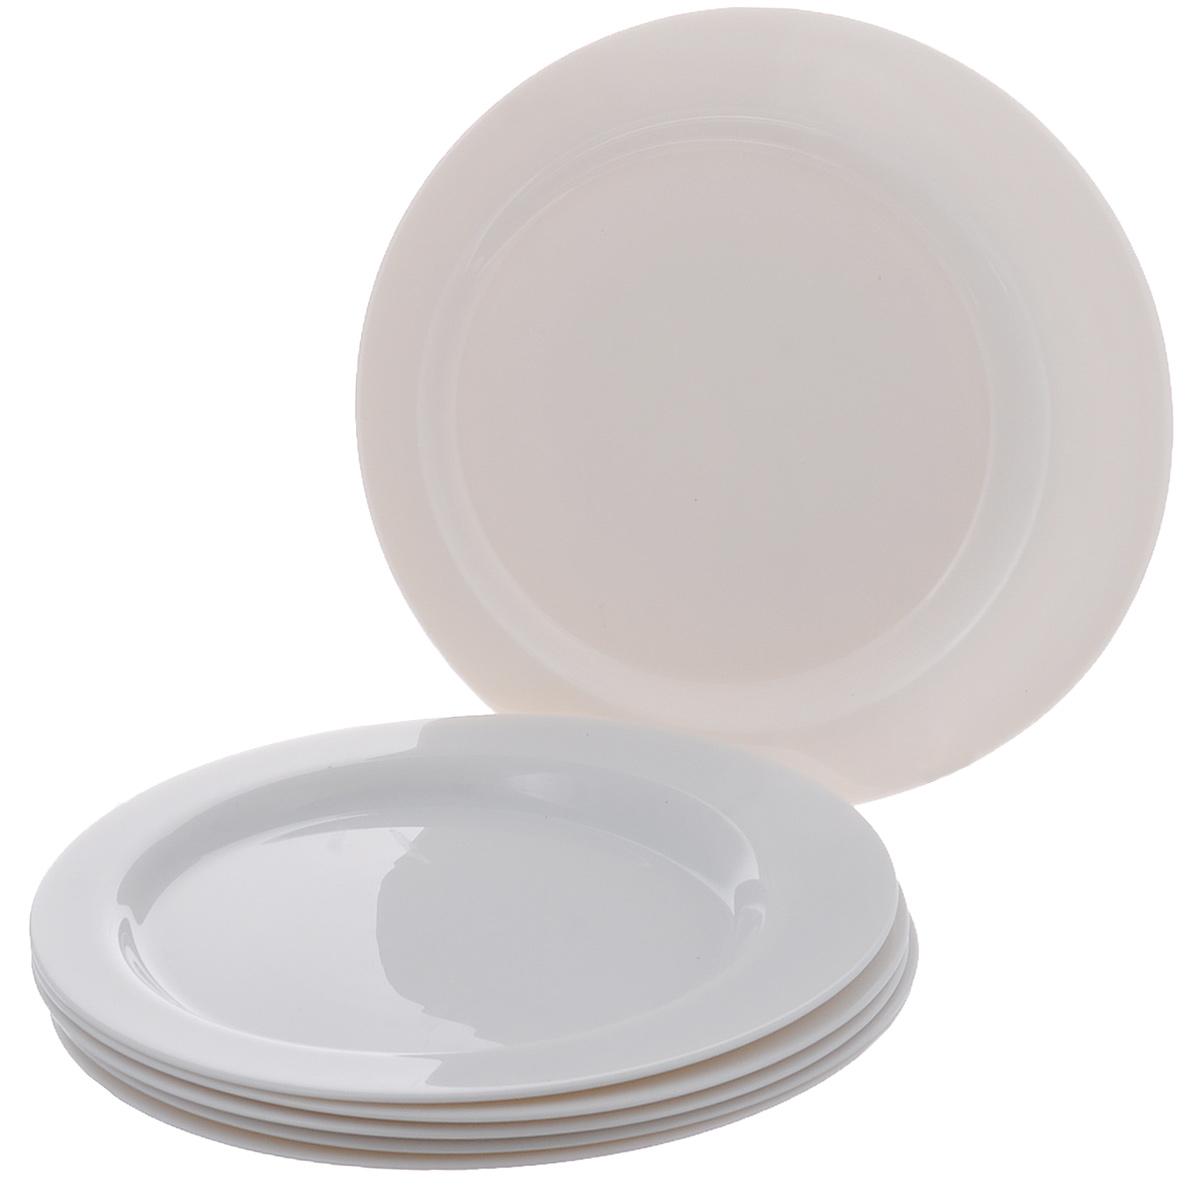 Набор обеденных тарелок Bormioli Rocco Cometa, диаметр 27 см, 6 шт441110F27321990Набор Bormioli Rocco Cometa состоит из 6 обеденных тарелок, изготовленных из упрочненного стекла с покрытием белого цвета. Набор Bormioli Rocco Cometa красиво оформит сервировку стола и станет прекрасным дополнением к коллекции вашей посуды.